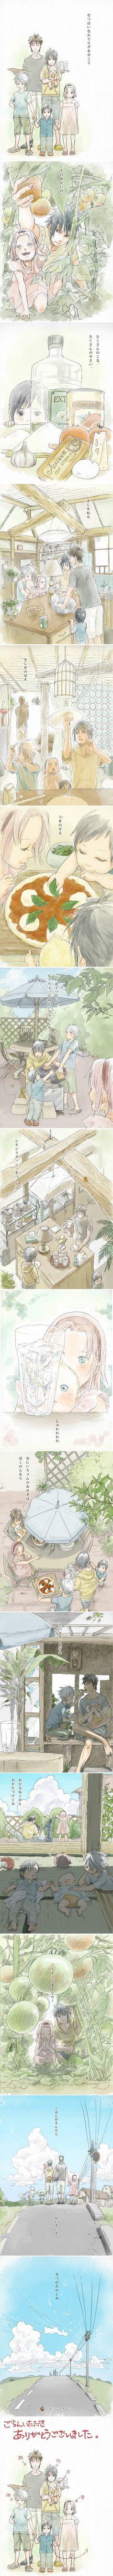 Kakashi, Yamato, Sasuke, Naruto, Sai, and Sakura #alternateage